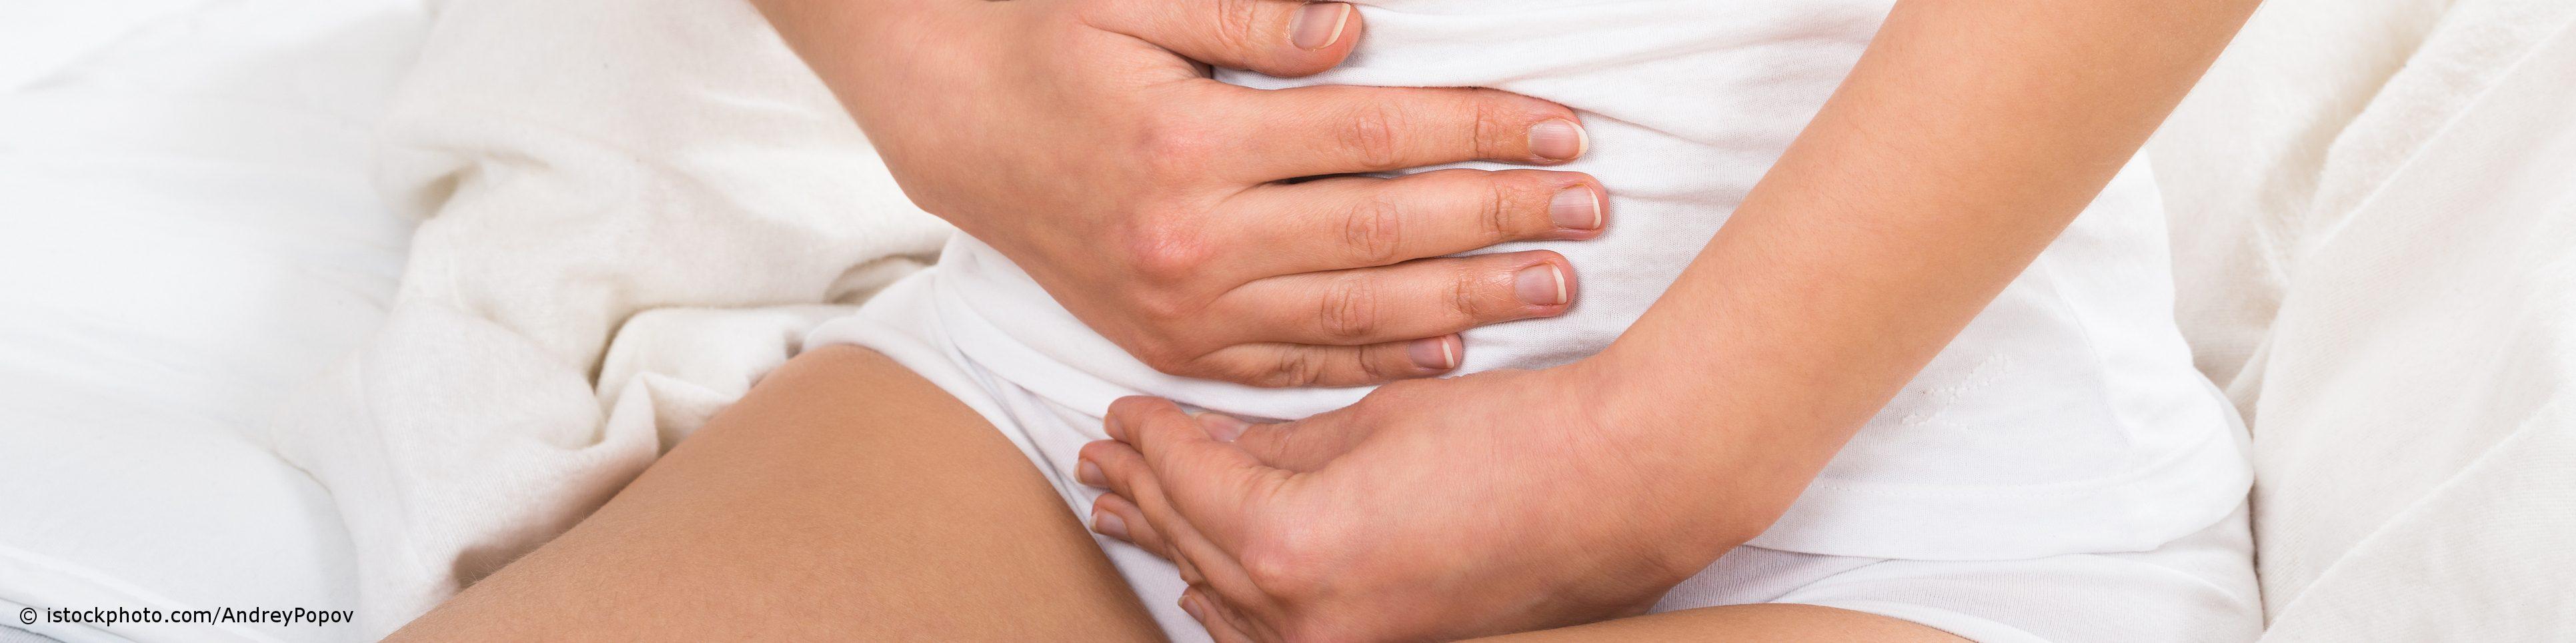 Krampfartige Schmerzen im Unterbauch sind typisch für eine Blasenentzündung.